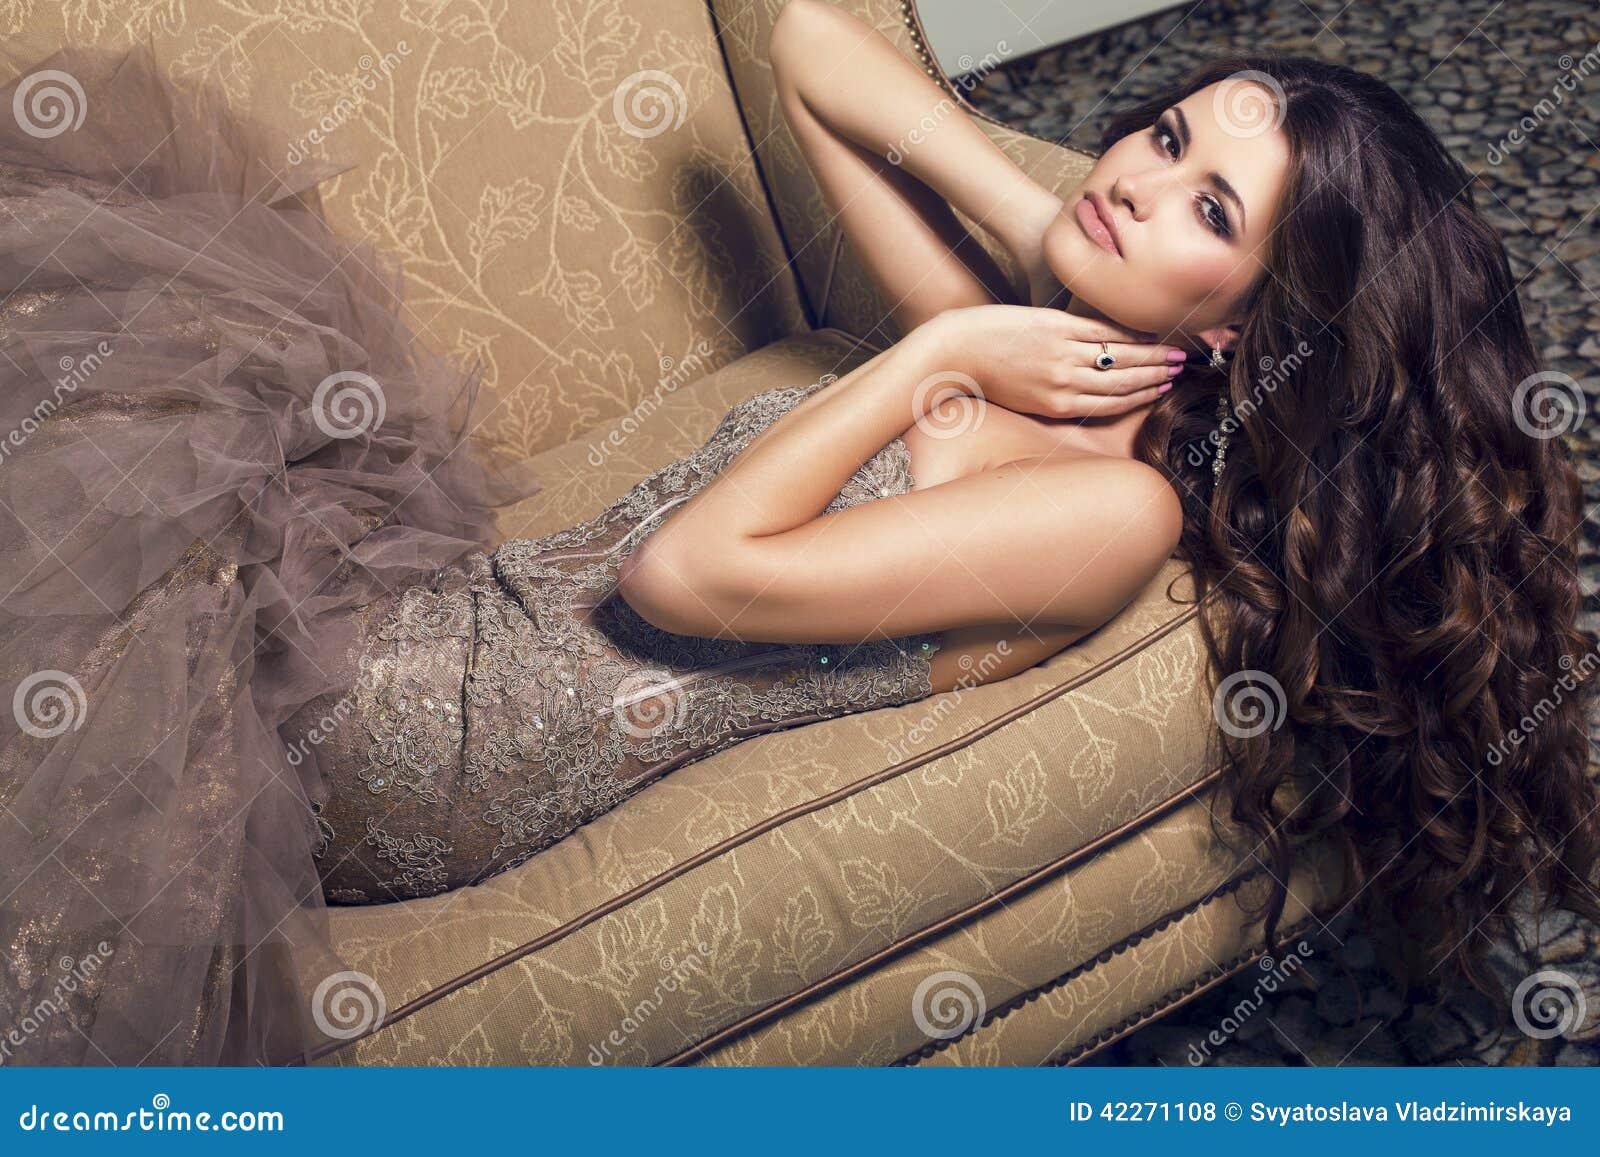 Красивая Девушка На Роскошном Диване